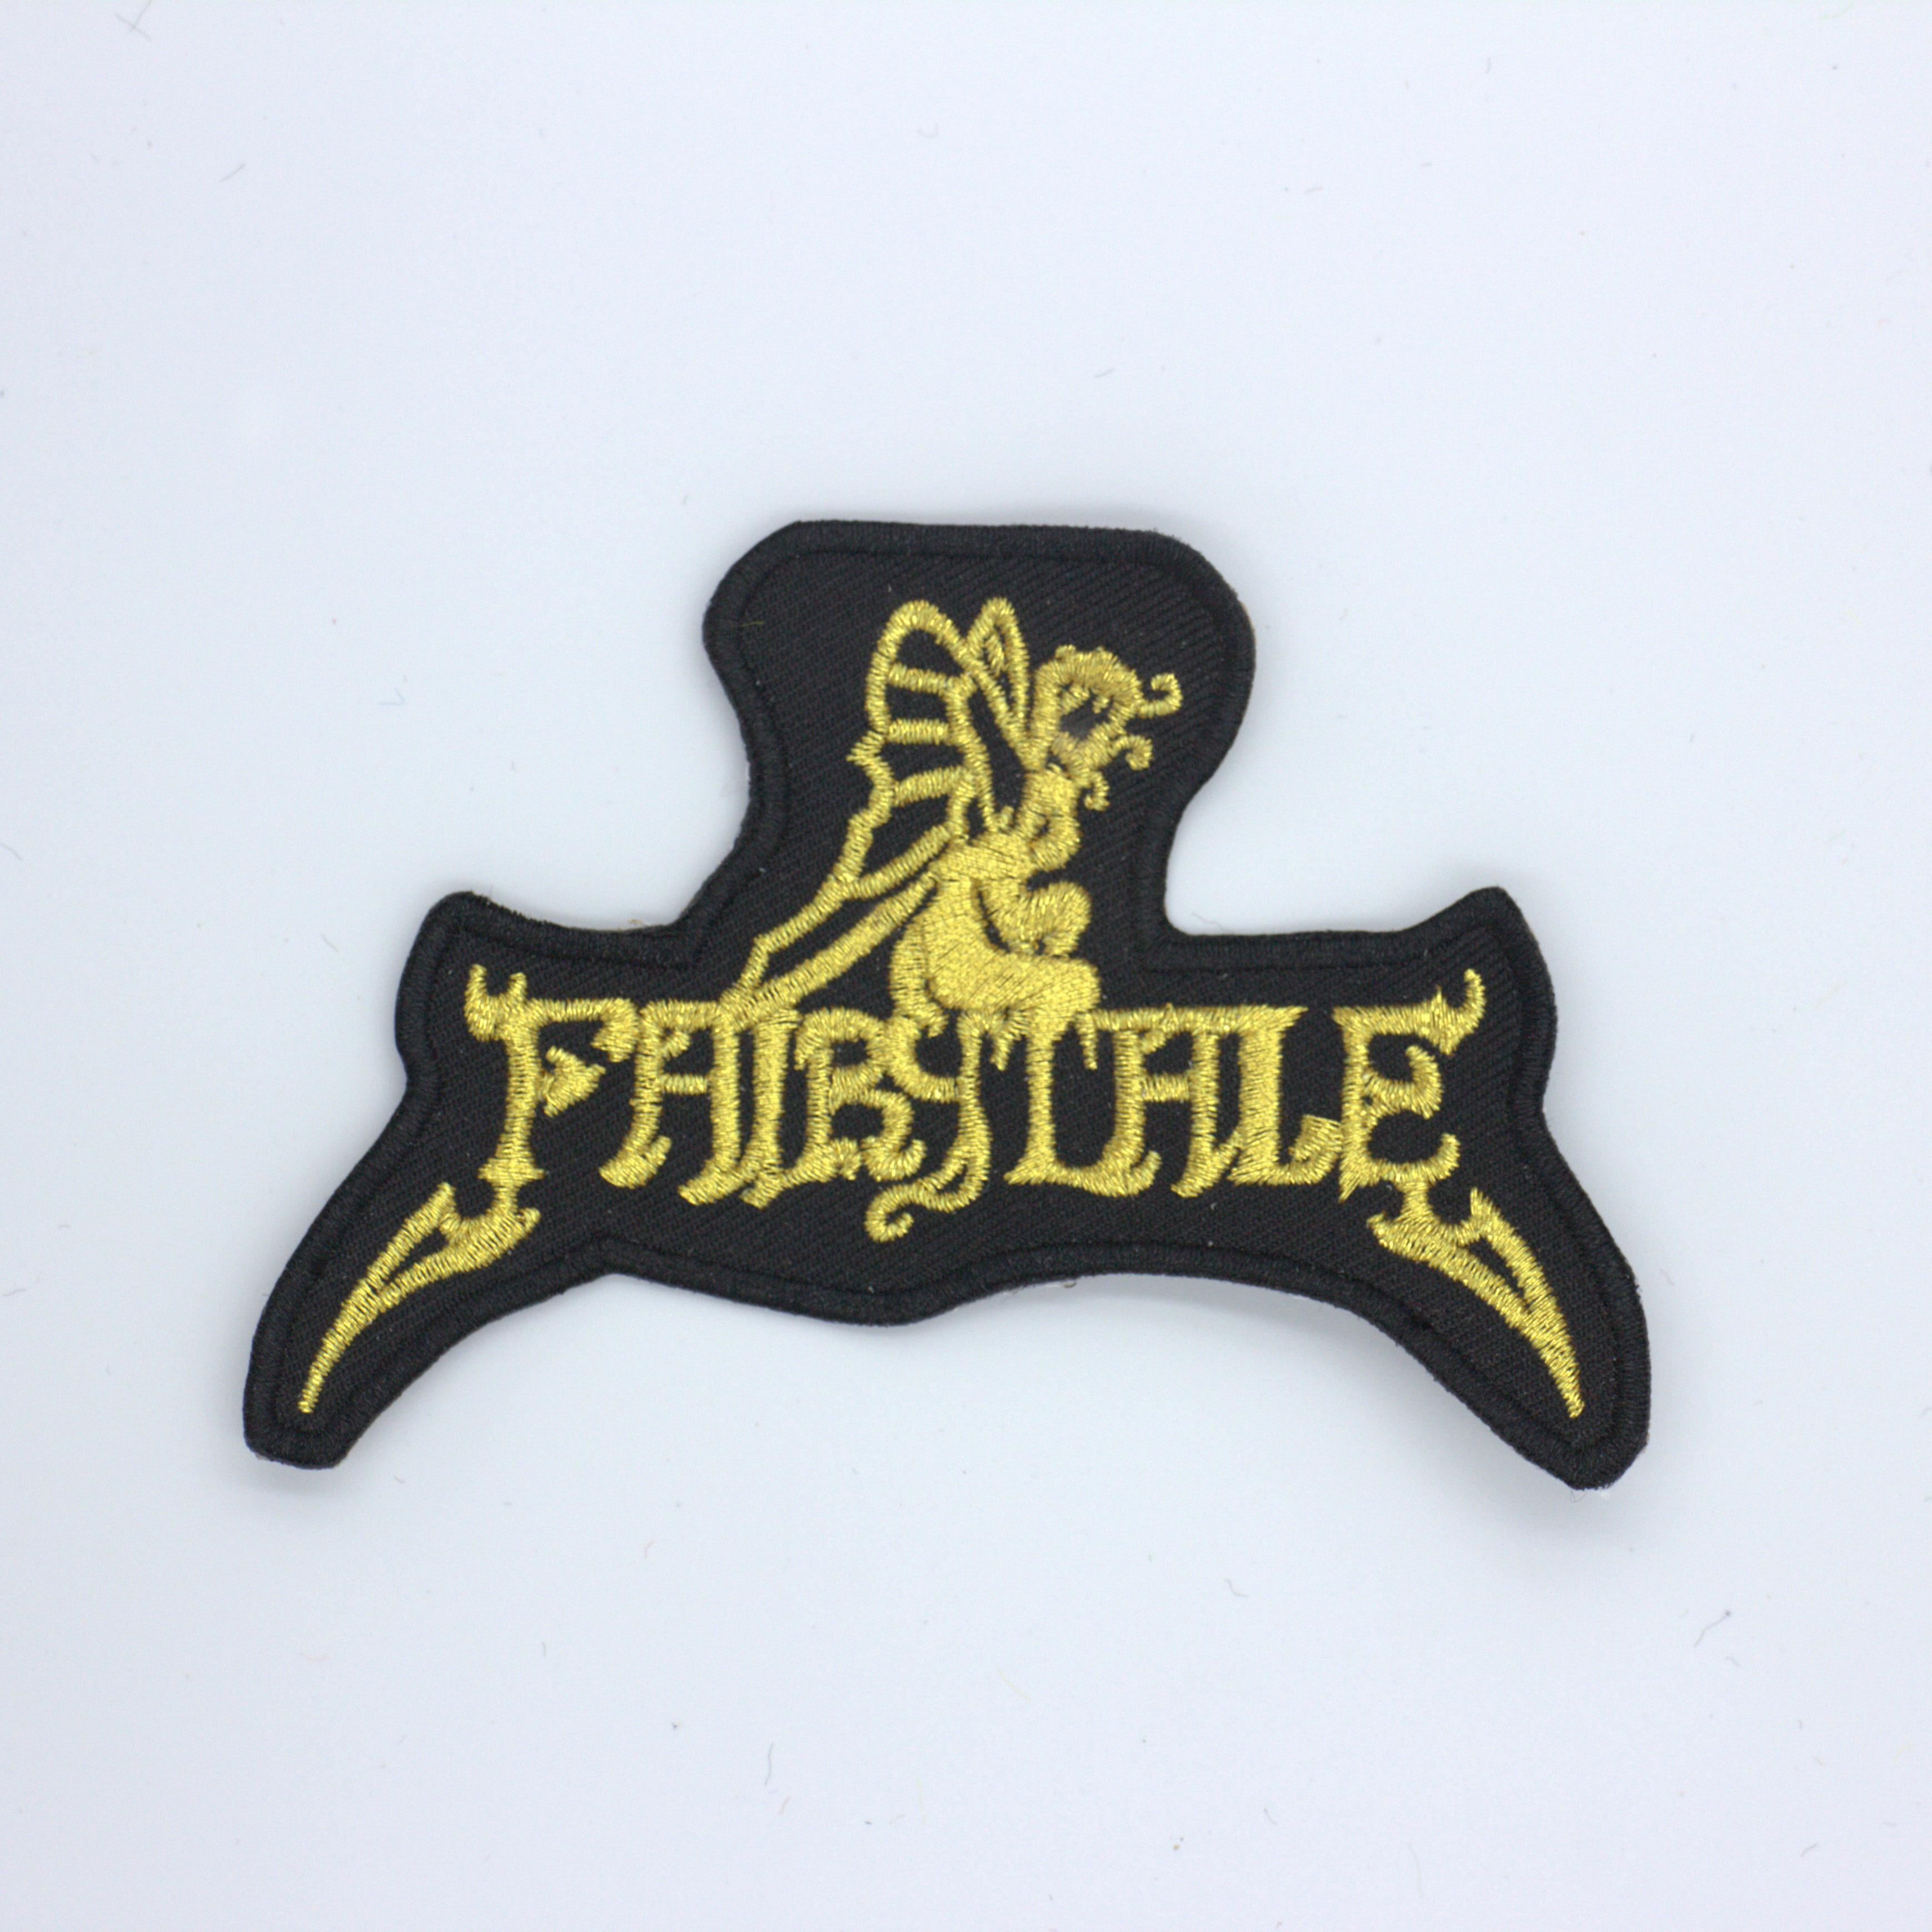 Carateres remendos emblemas bordado applique costura ferro no emblema vestuário vestuário acessórios 3